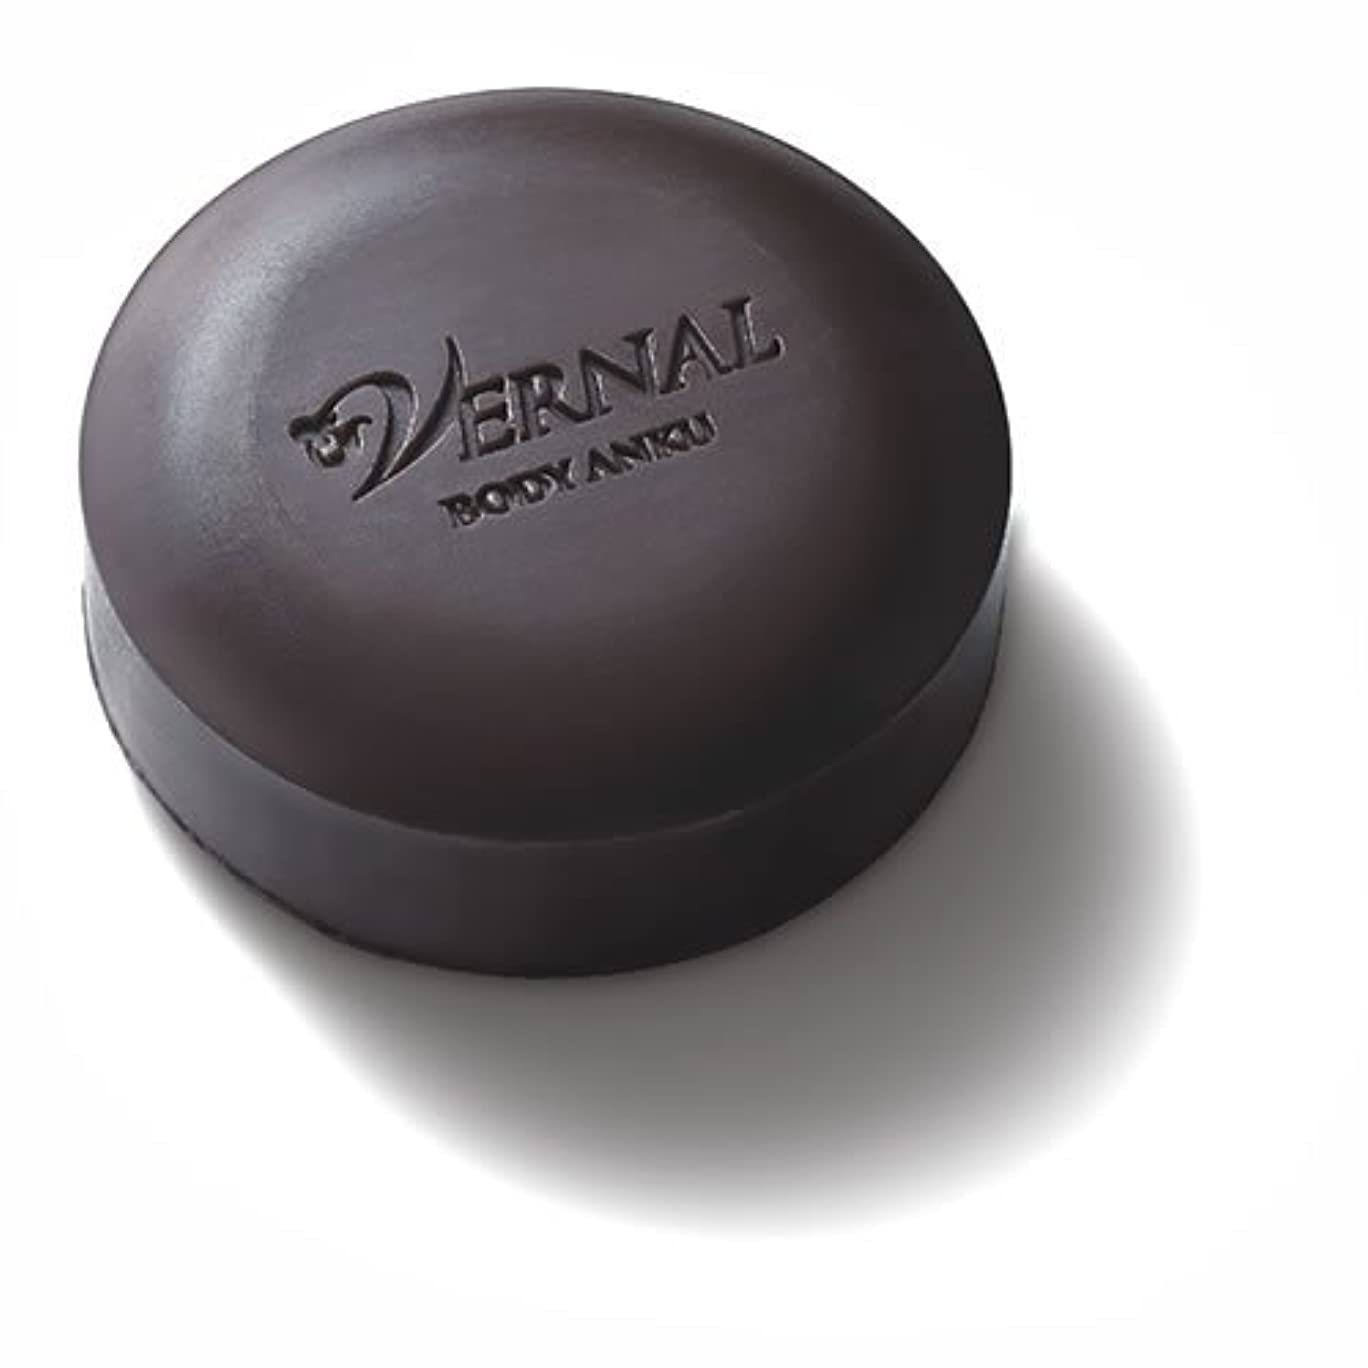 ミケランジェロ事件、出来事裕福なボディアンク/ヴァーナル ボディ用 石鹸 デオドラント